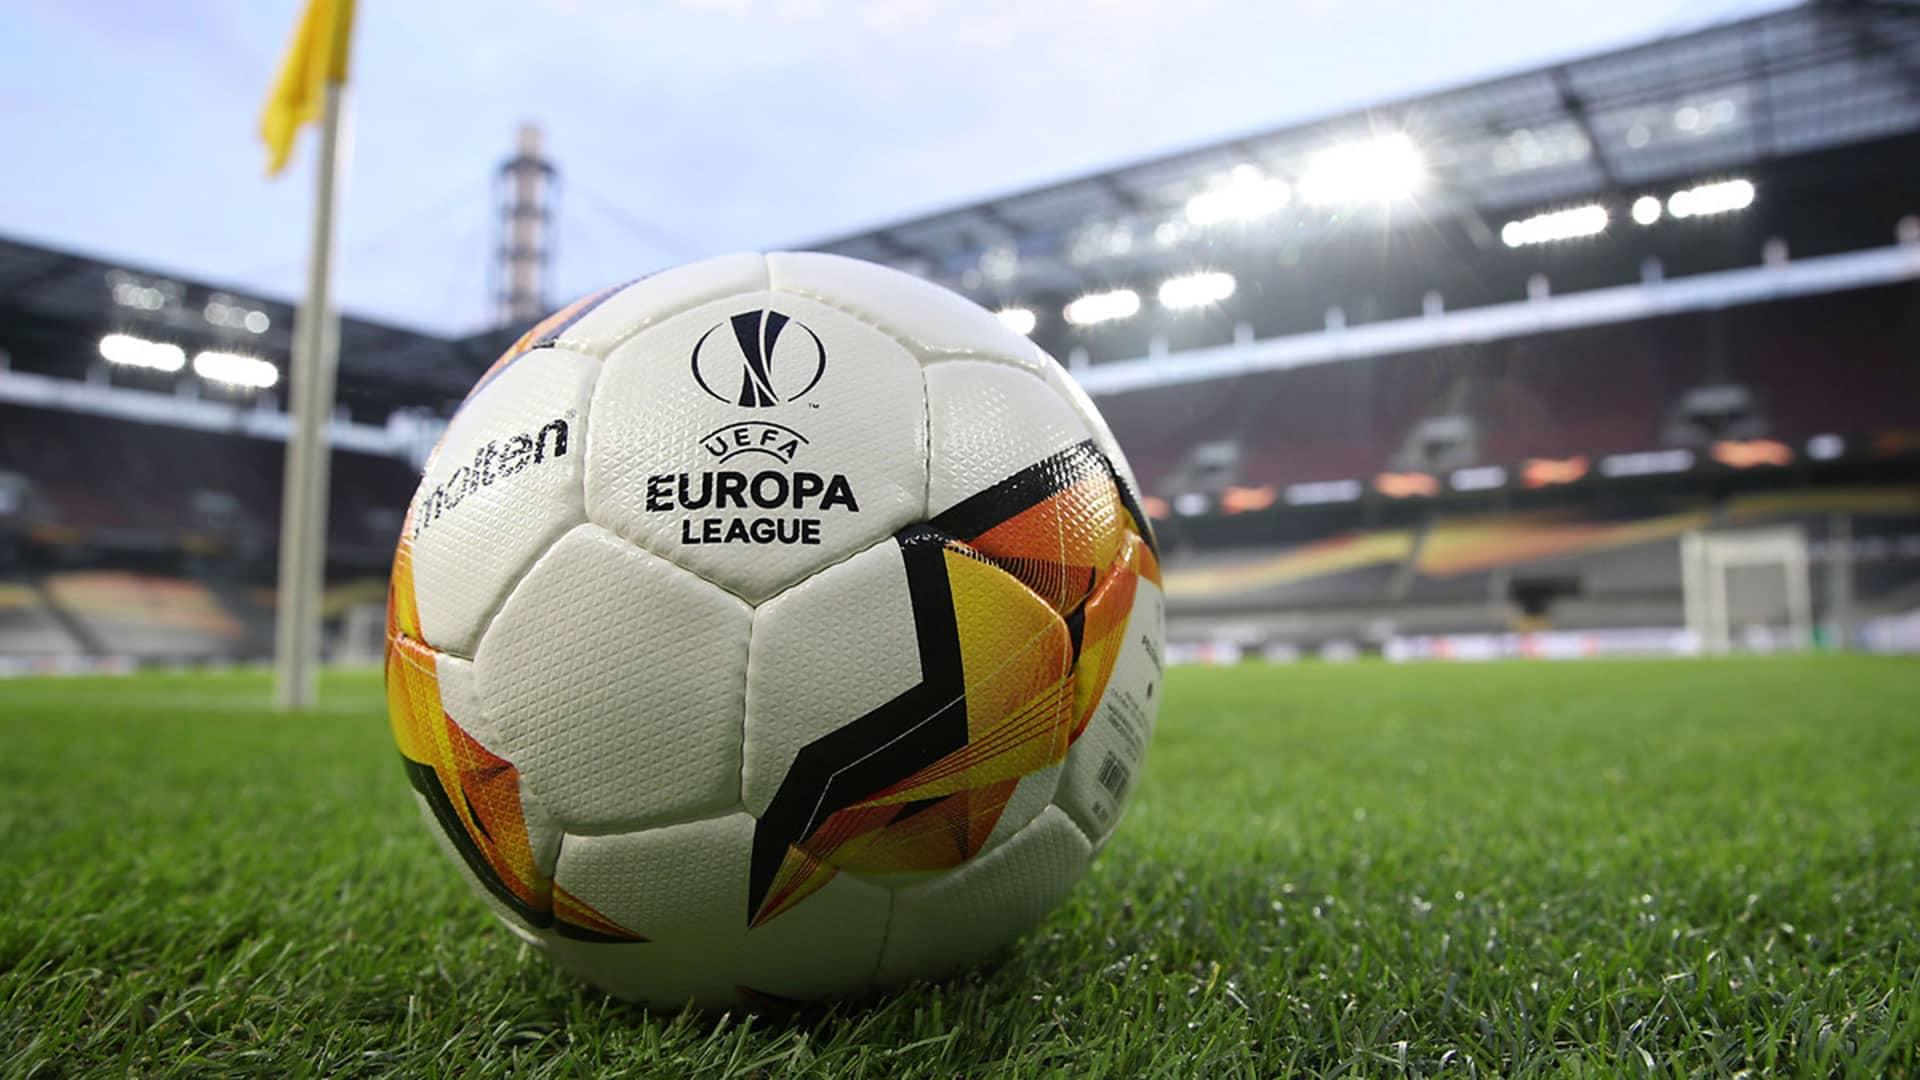 UEFA Europa League 2021: Villarreal y Manchester United jugarán la final 2021